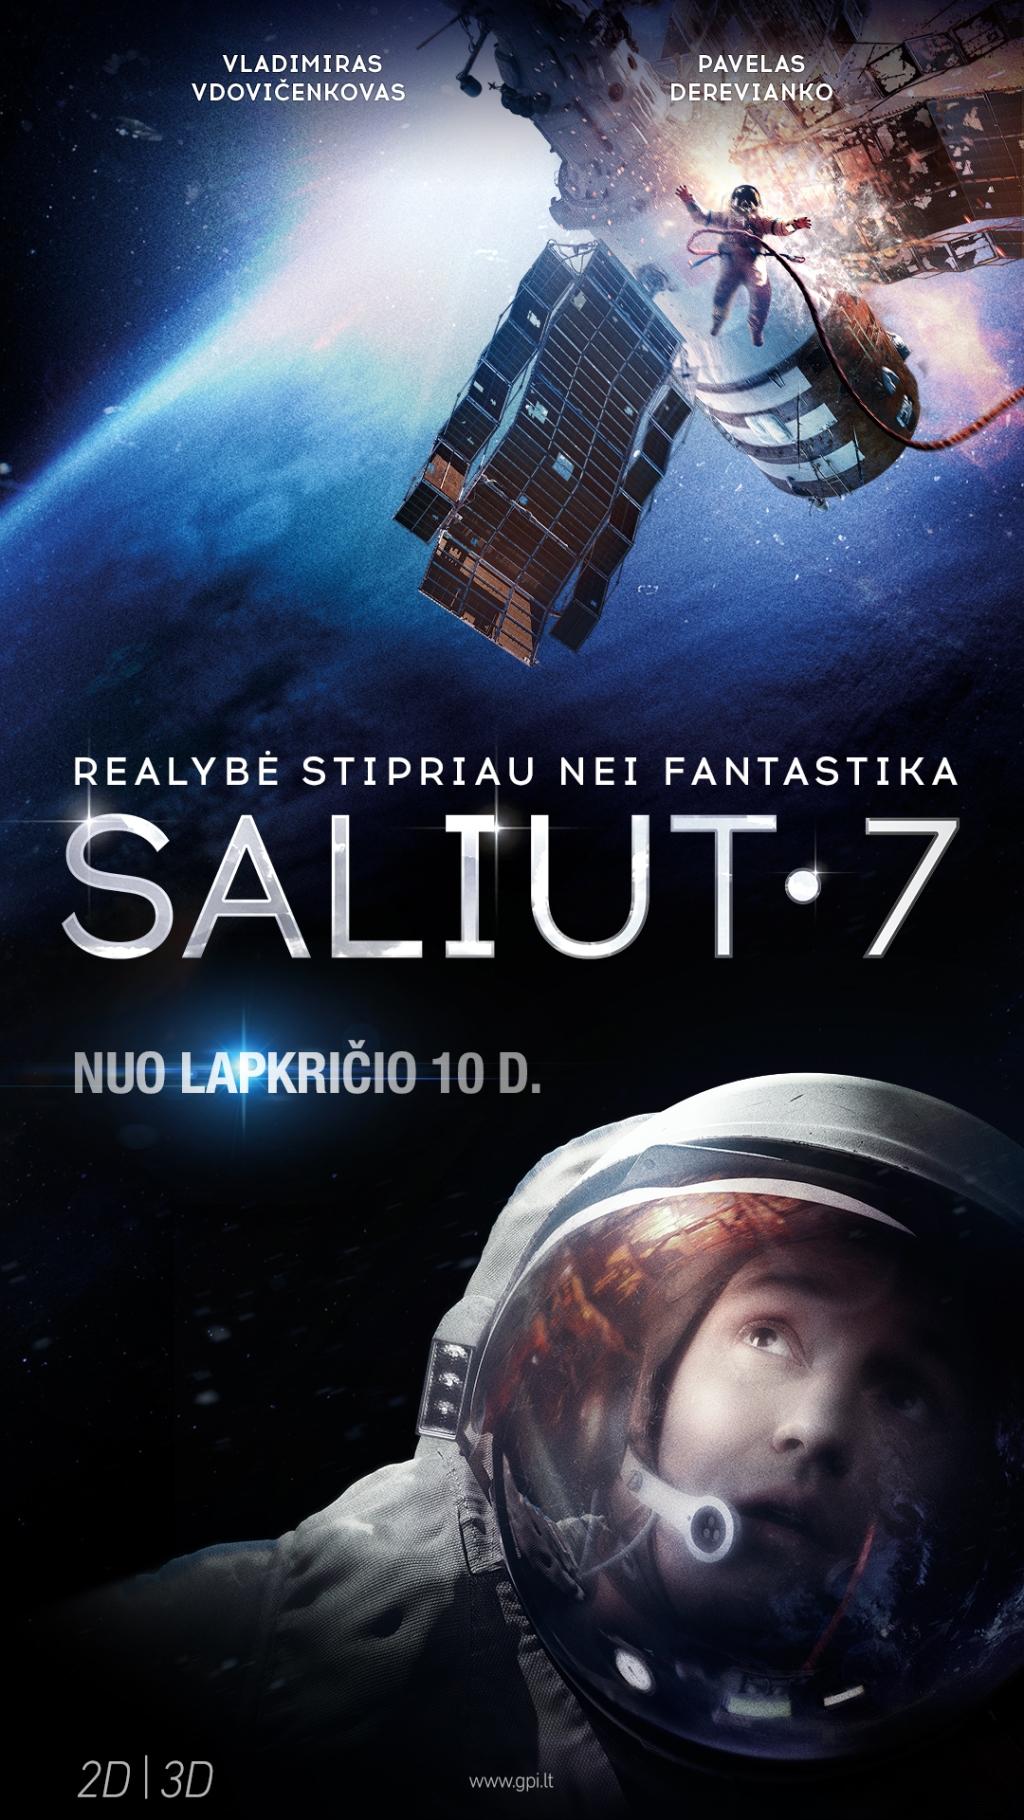 Saliut 7 (Салют-7)